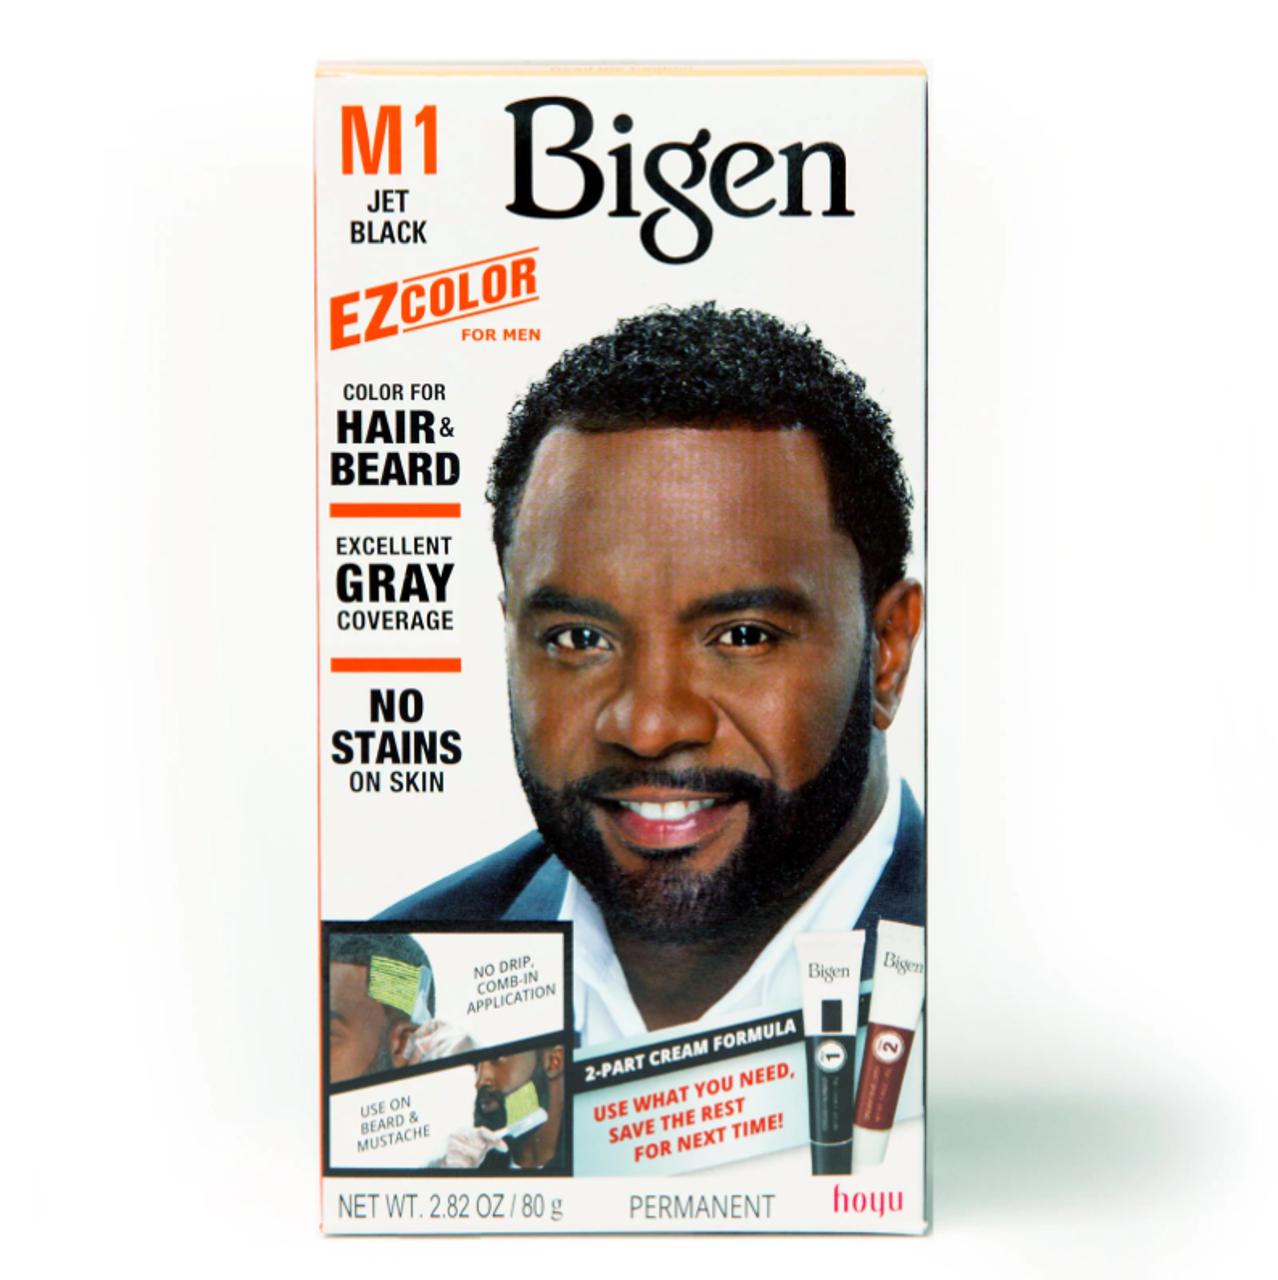 Bigen EZ Color for Men